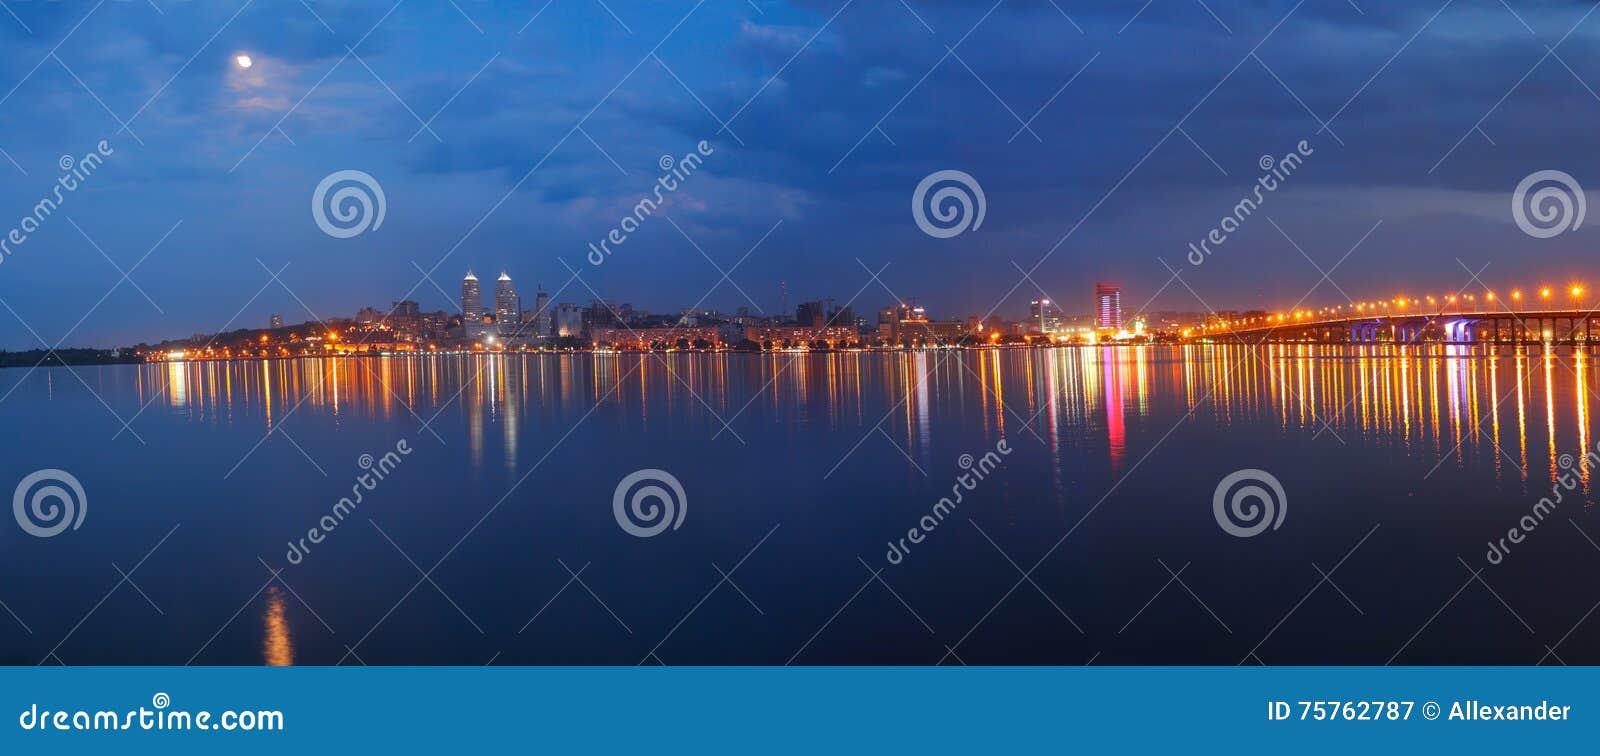 Панорама города на ноче